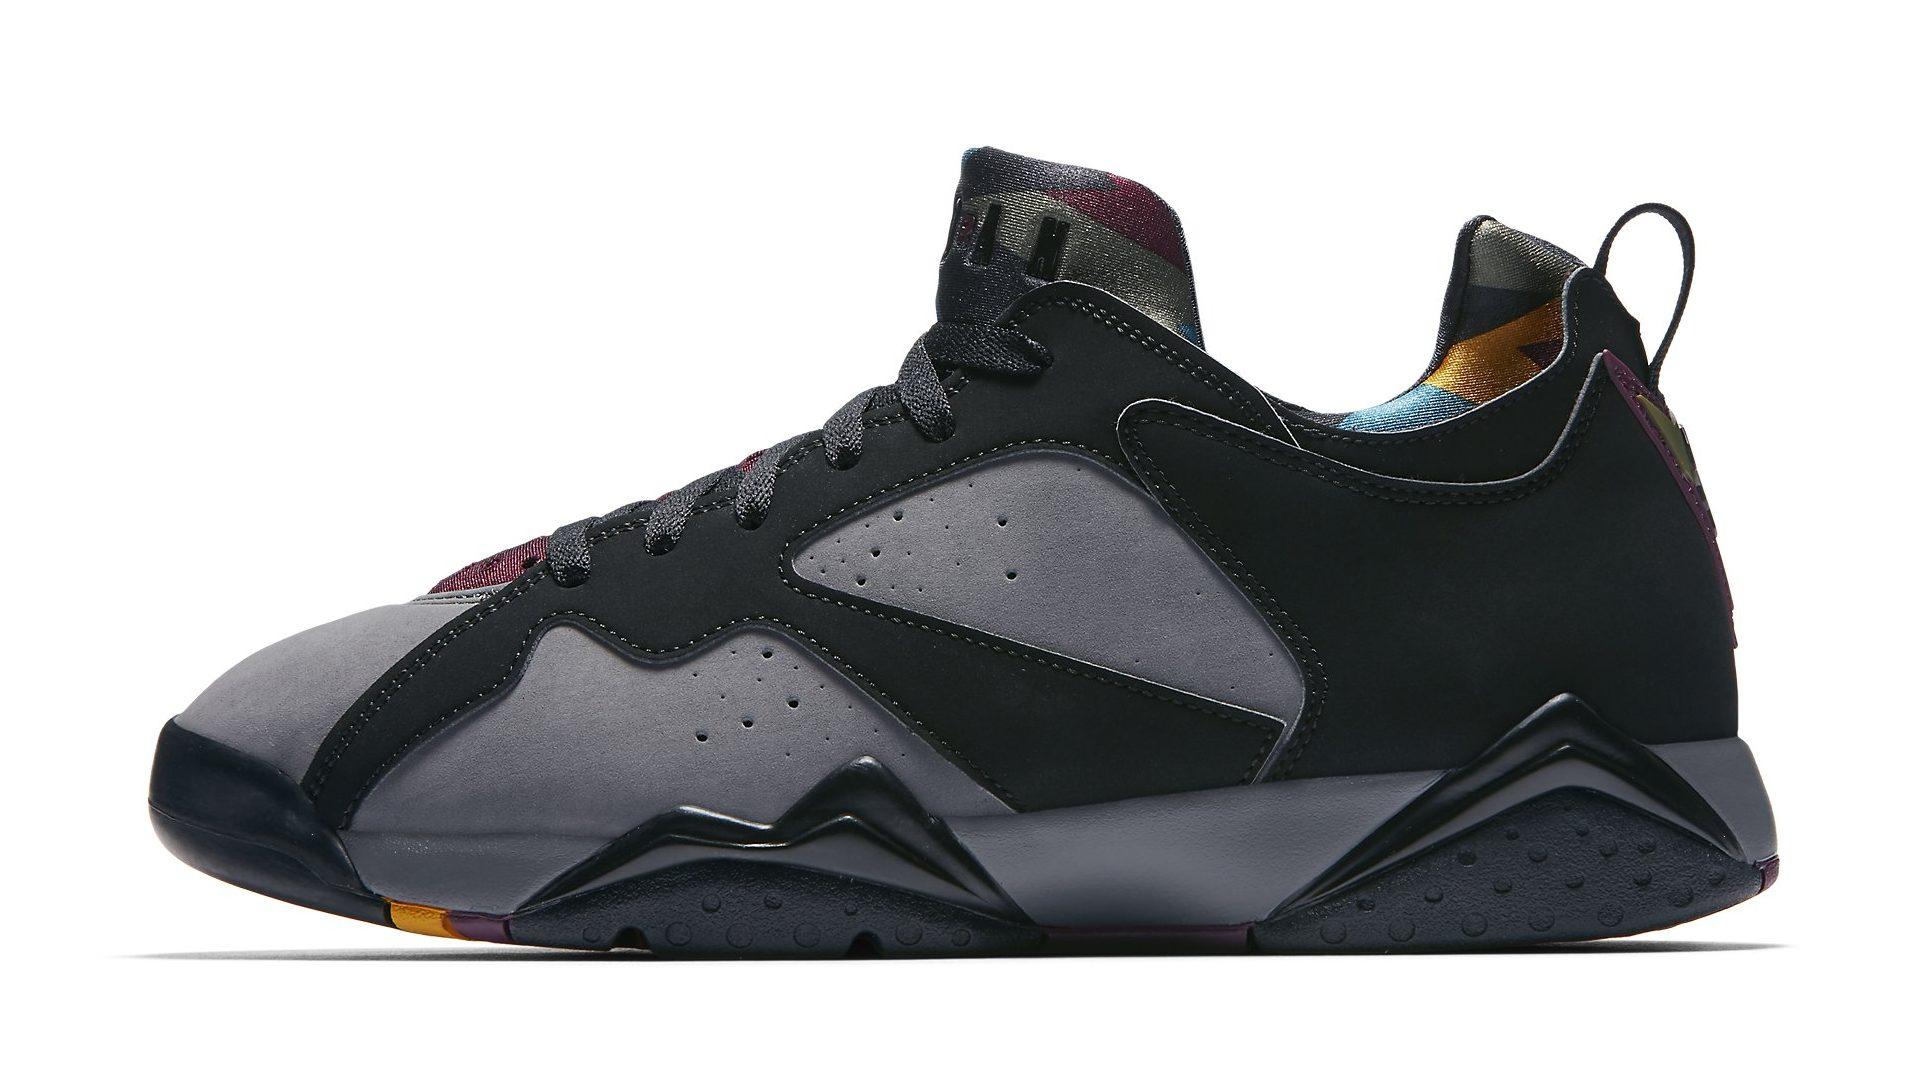 These Air Jordan 7 Low Samples Are